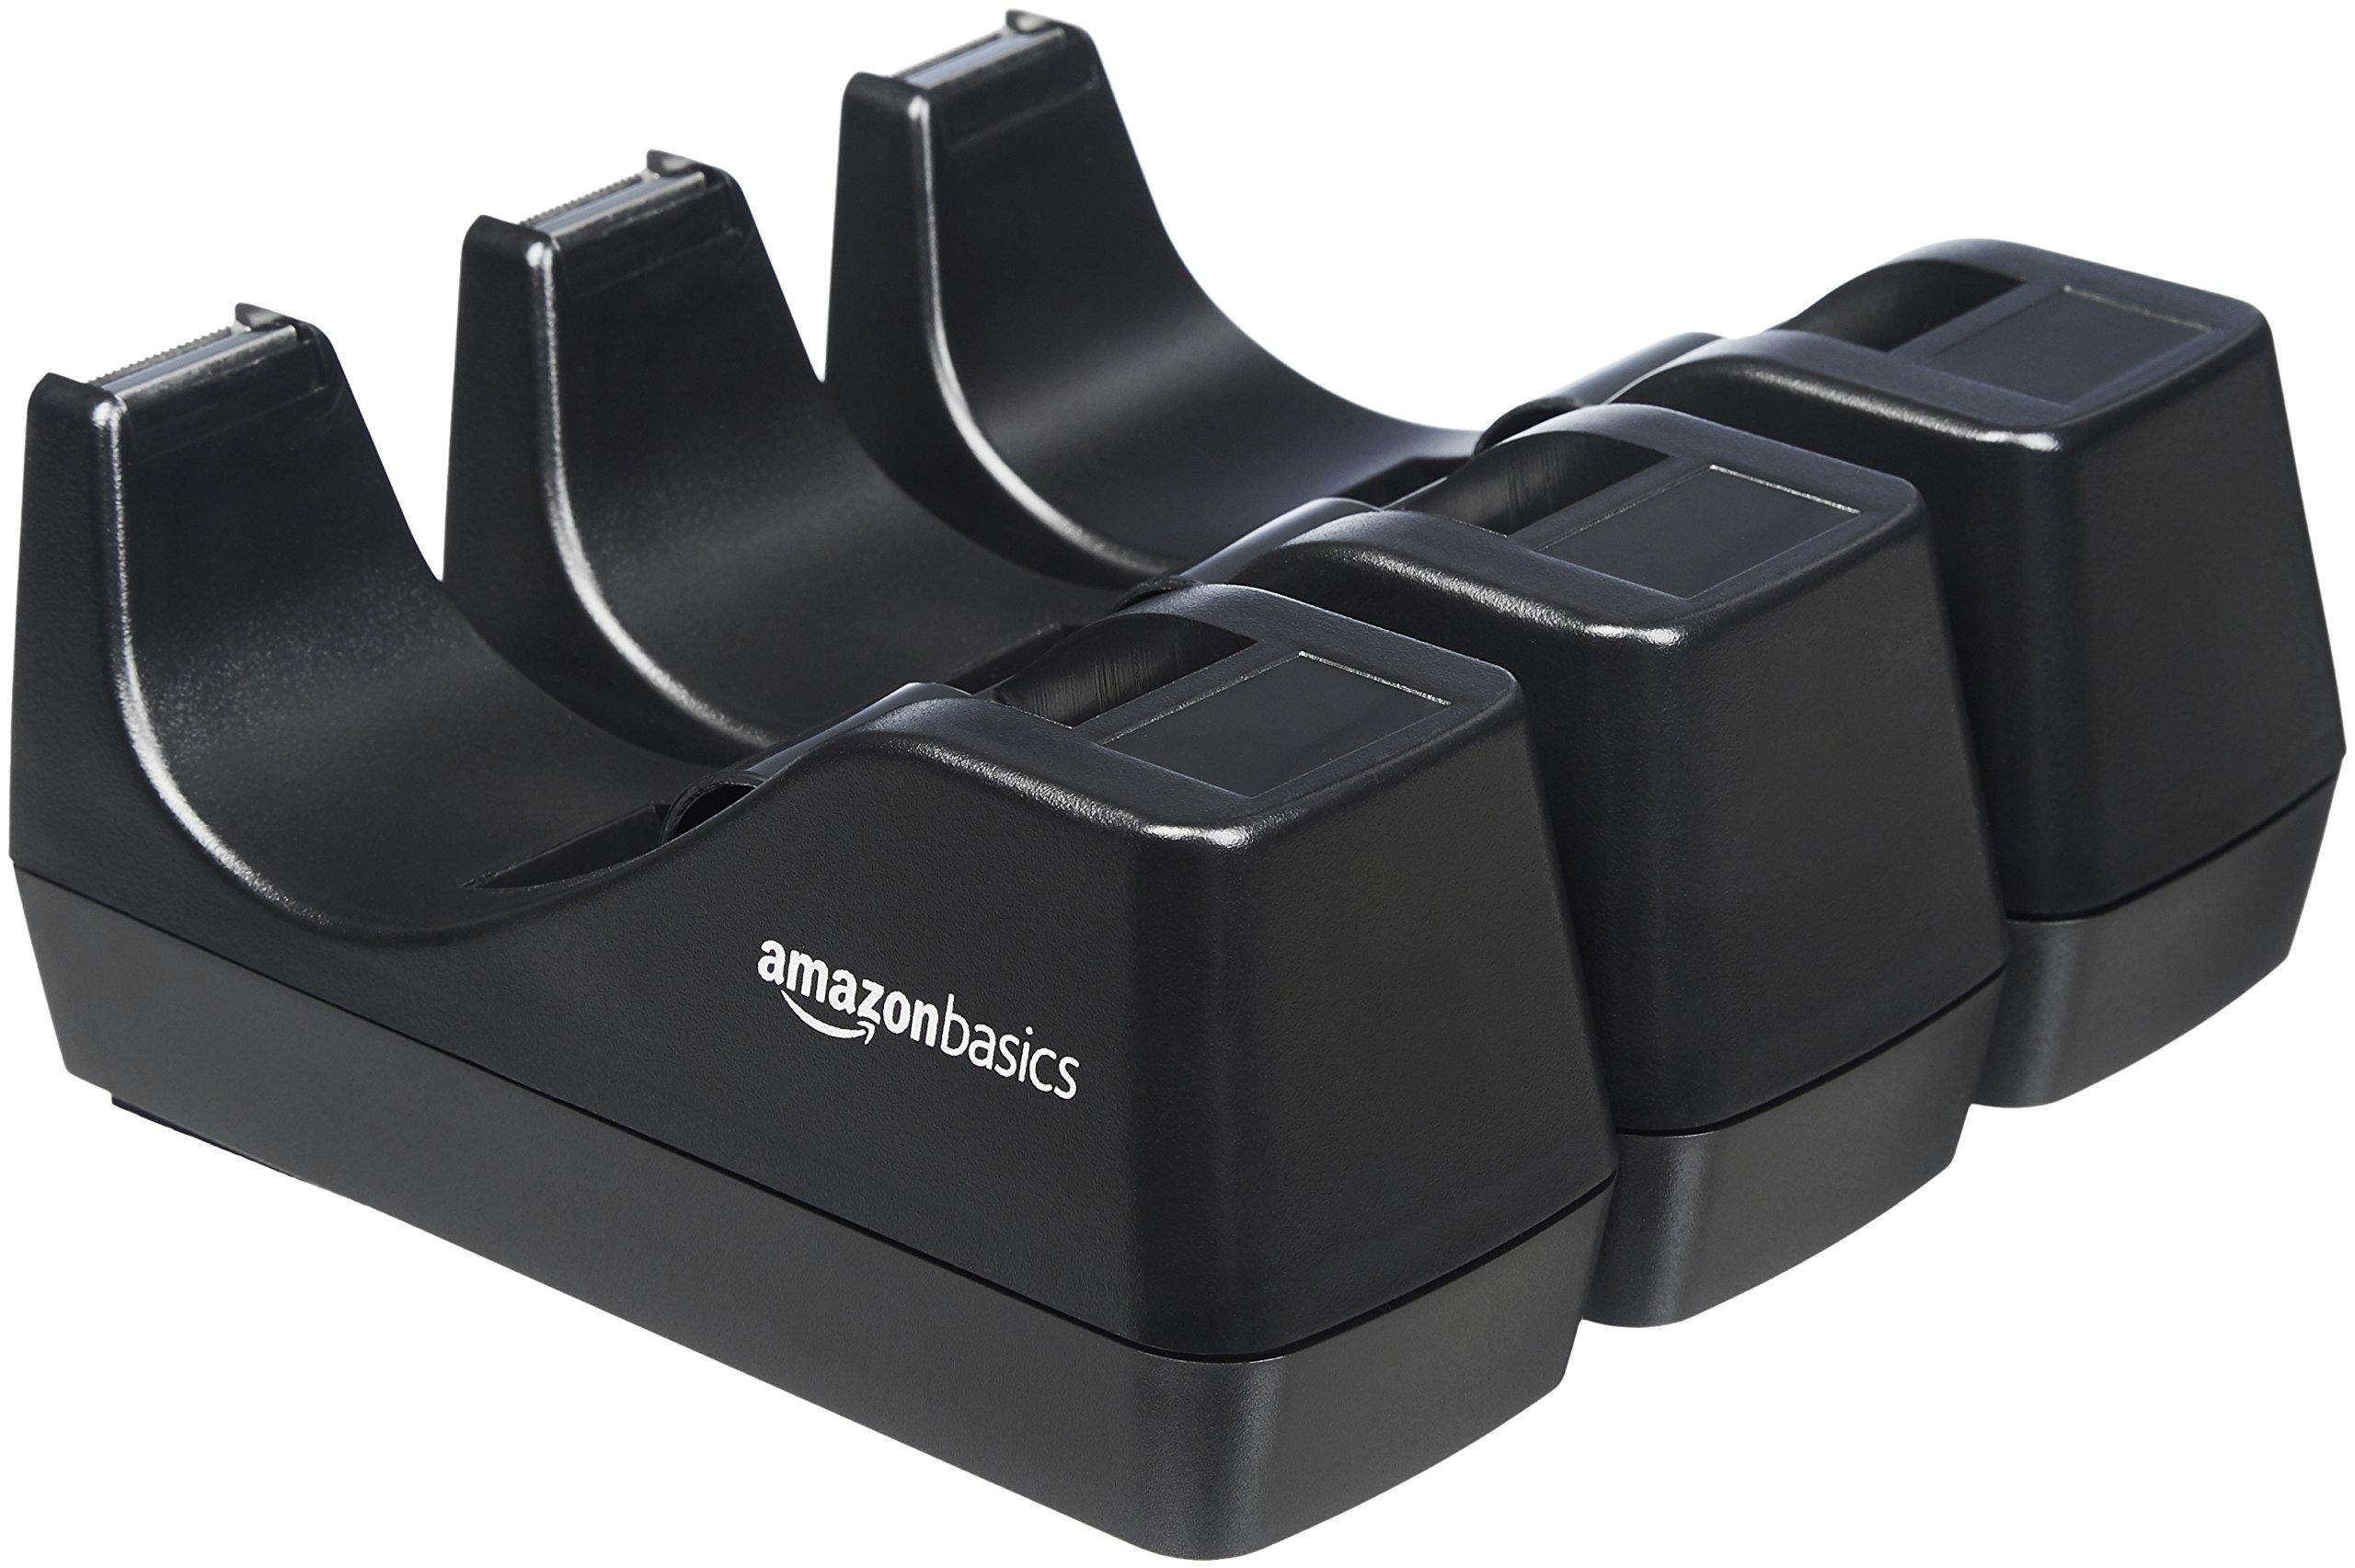 AmazonBasics Tape Dispenser - 3-Pack